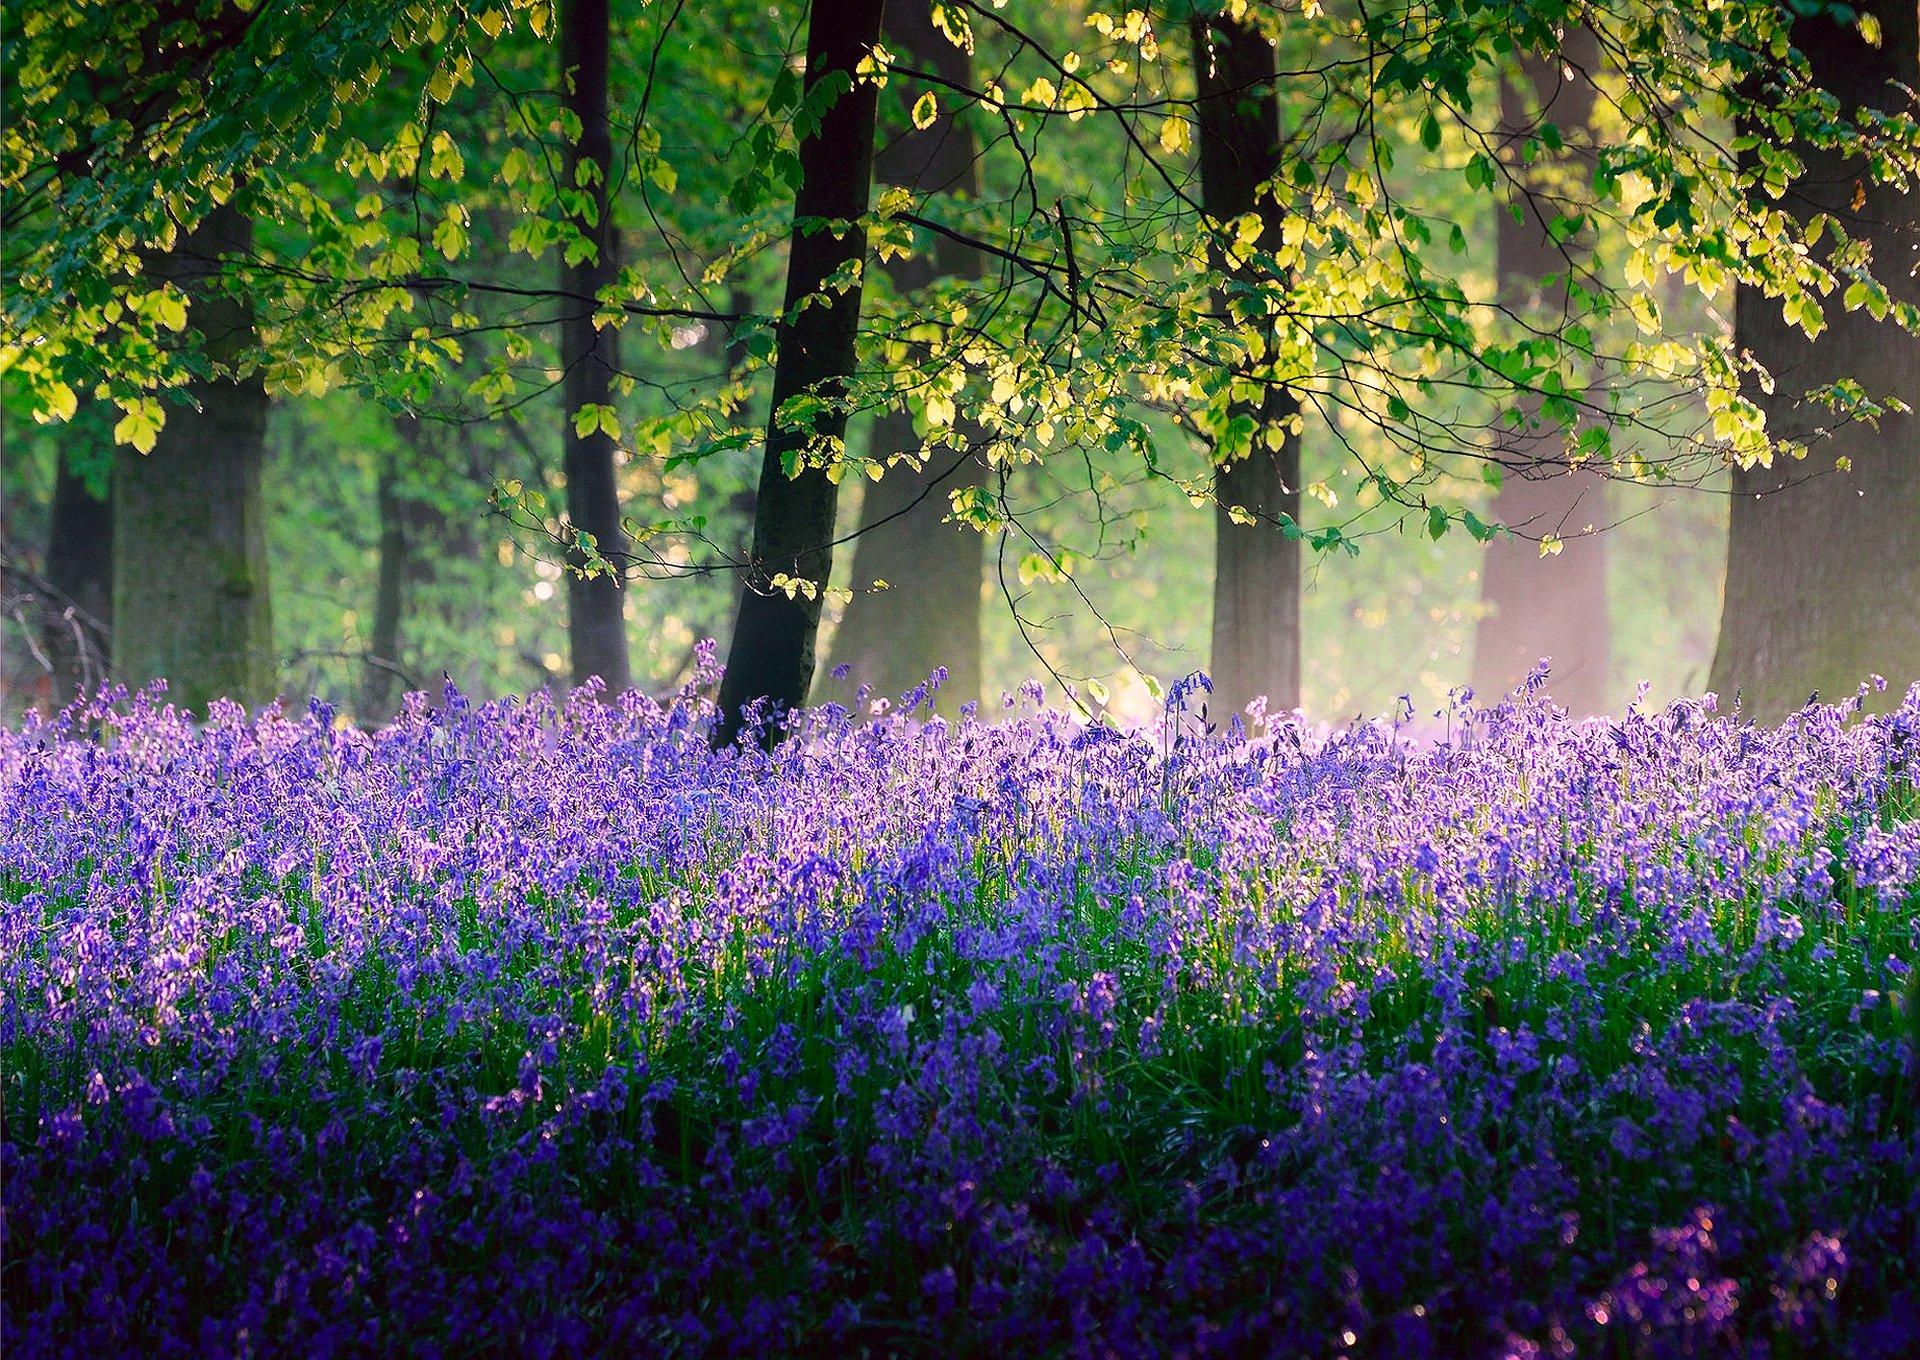 уверены качестве обои англия лес с цветами фото удочерил девочку